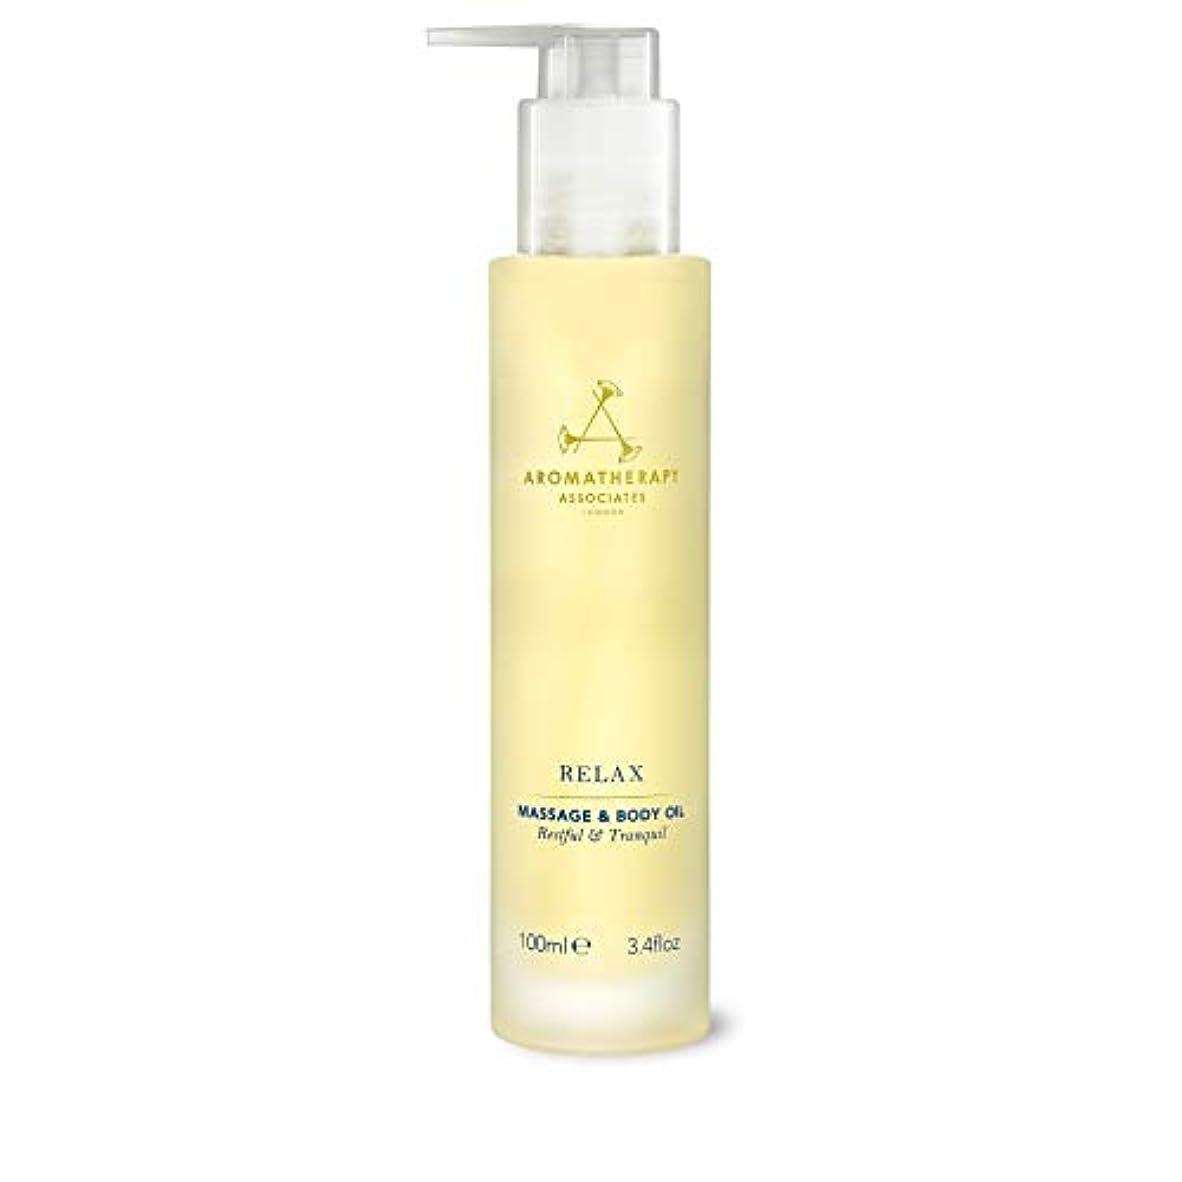 症候群戸惑う寛容な[Aromatherapy Associates] アロマセラピーアソシエイツ深い浄化の洗顔、アロマセラピーアソシエイツ - Aromatherapy Associates Deep Cleanse Face Wash,...